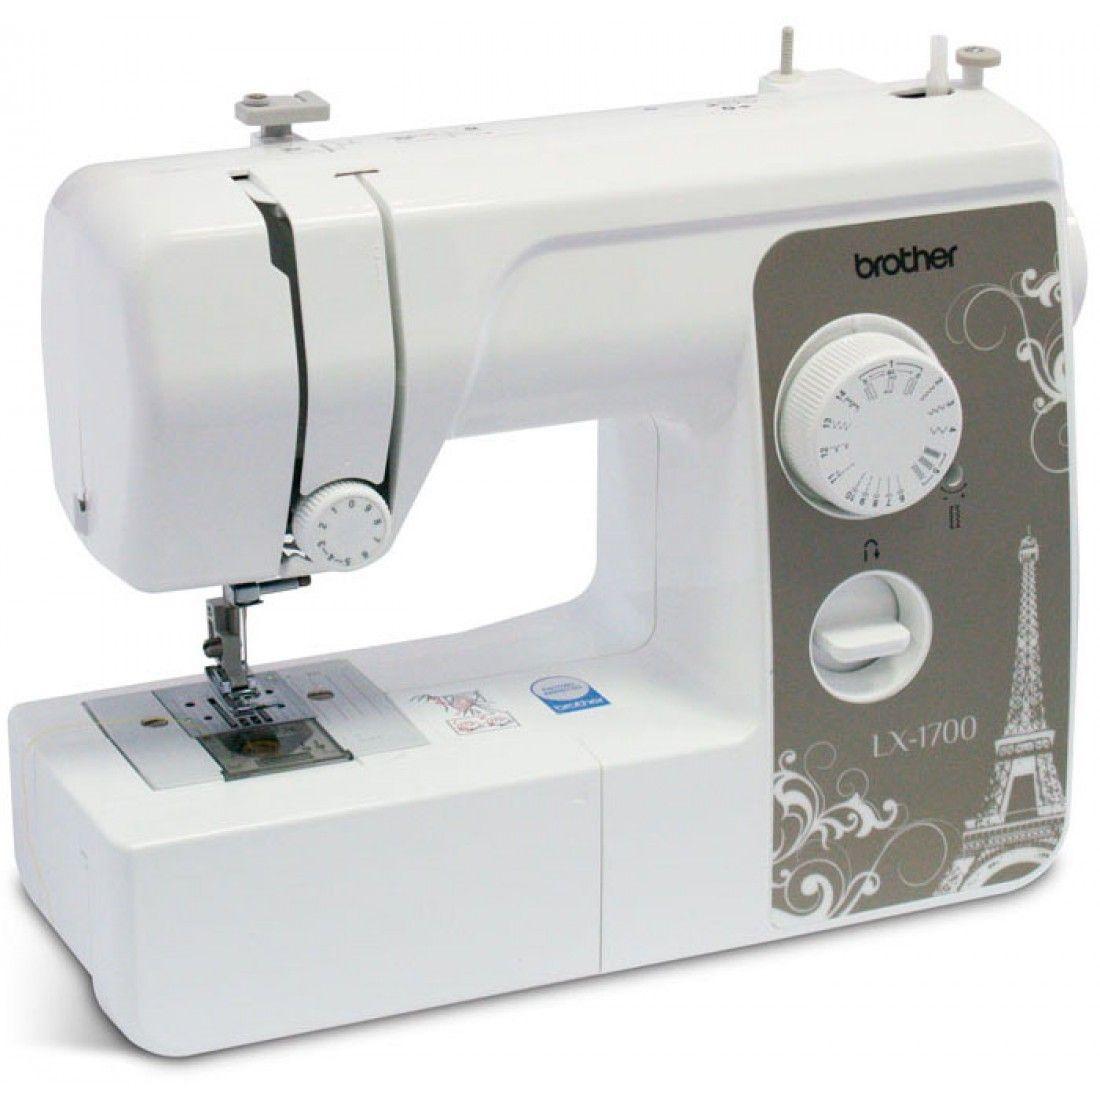 Швейная машина Brother LX-1700Швейные машины<br><br><br>Артикул: 735393<br>Бренд: Brother<br>Вид: швейная машина<br>Вес (кг): 7<br>Гарантия производителя: да<br>Количество швейных операций: 13<br>Максимальная высота подъема лапки (мм): 13<br>Рукавная платформа: да<br>Максимальная длина стежка (мм): 4<br>Освещение: да<br>Чехол: мягкий<br>Отсек для аксессуаров: да<br>Максимальная ширина стежка (мм): 5<br>Тип швейной машины: электромеханическая<br>Тип челнока: ротационный горизонтальный<br>Выполнение петли: полуавтомат<br>Кнопка реверс: да